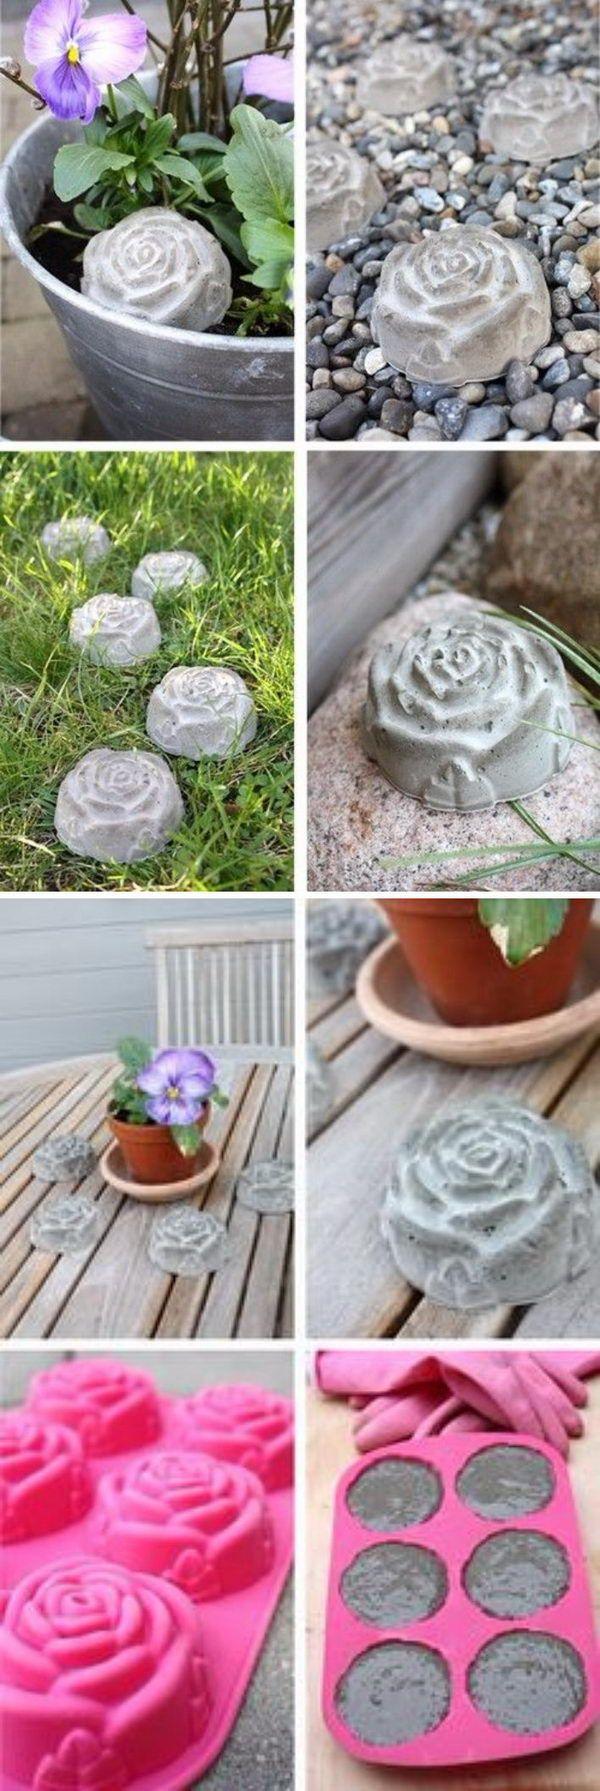 20+ konkrete DIY Projekte zur Verschönerung Ihres Gartens